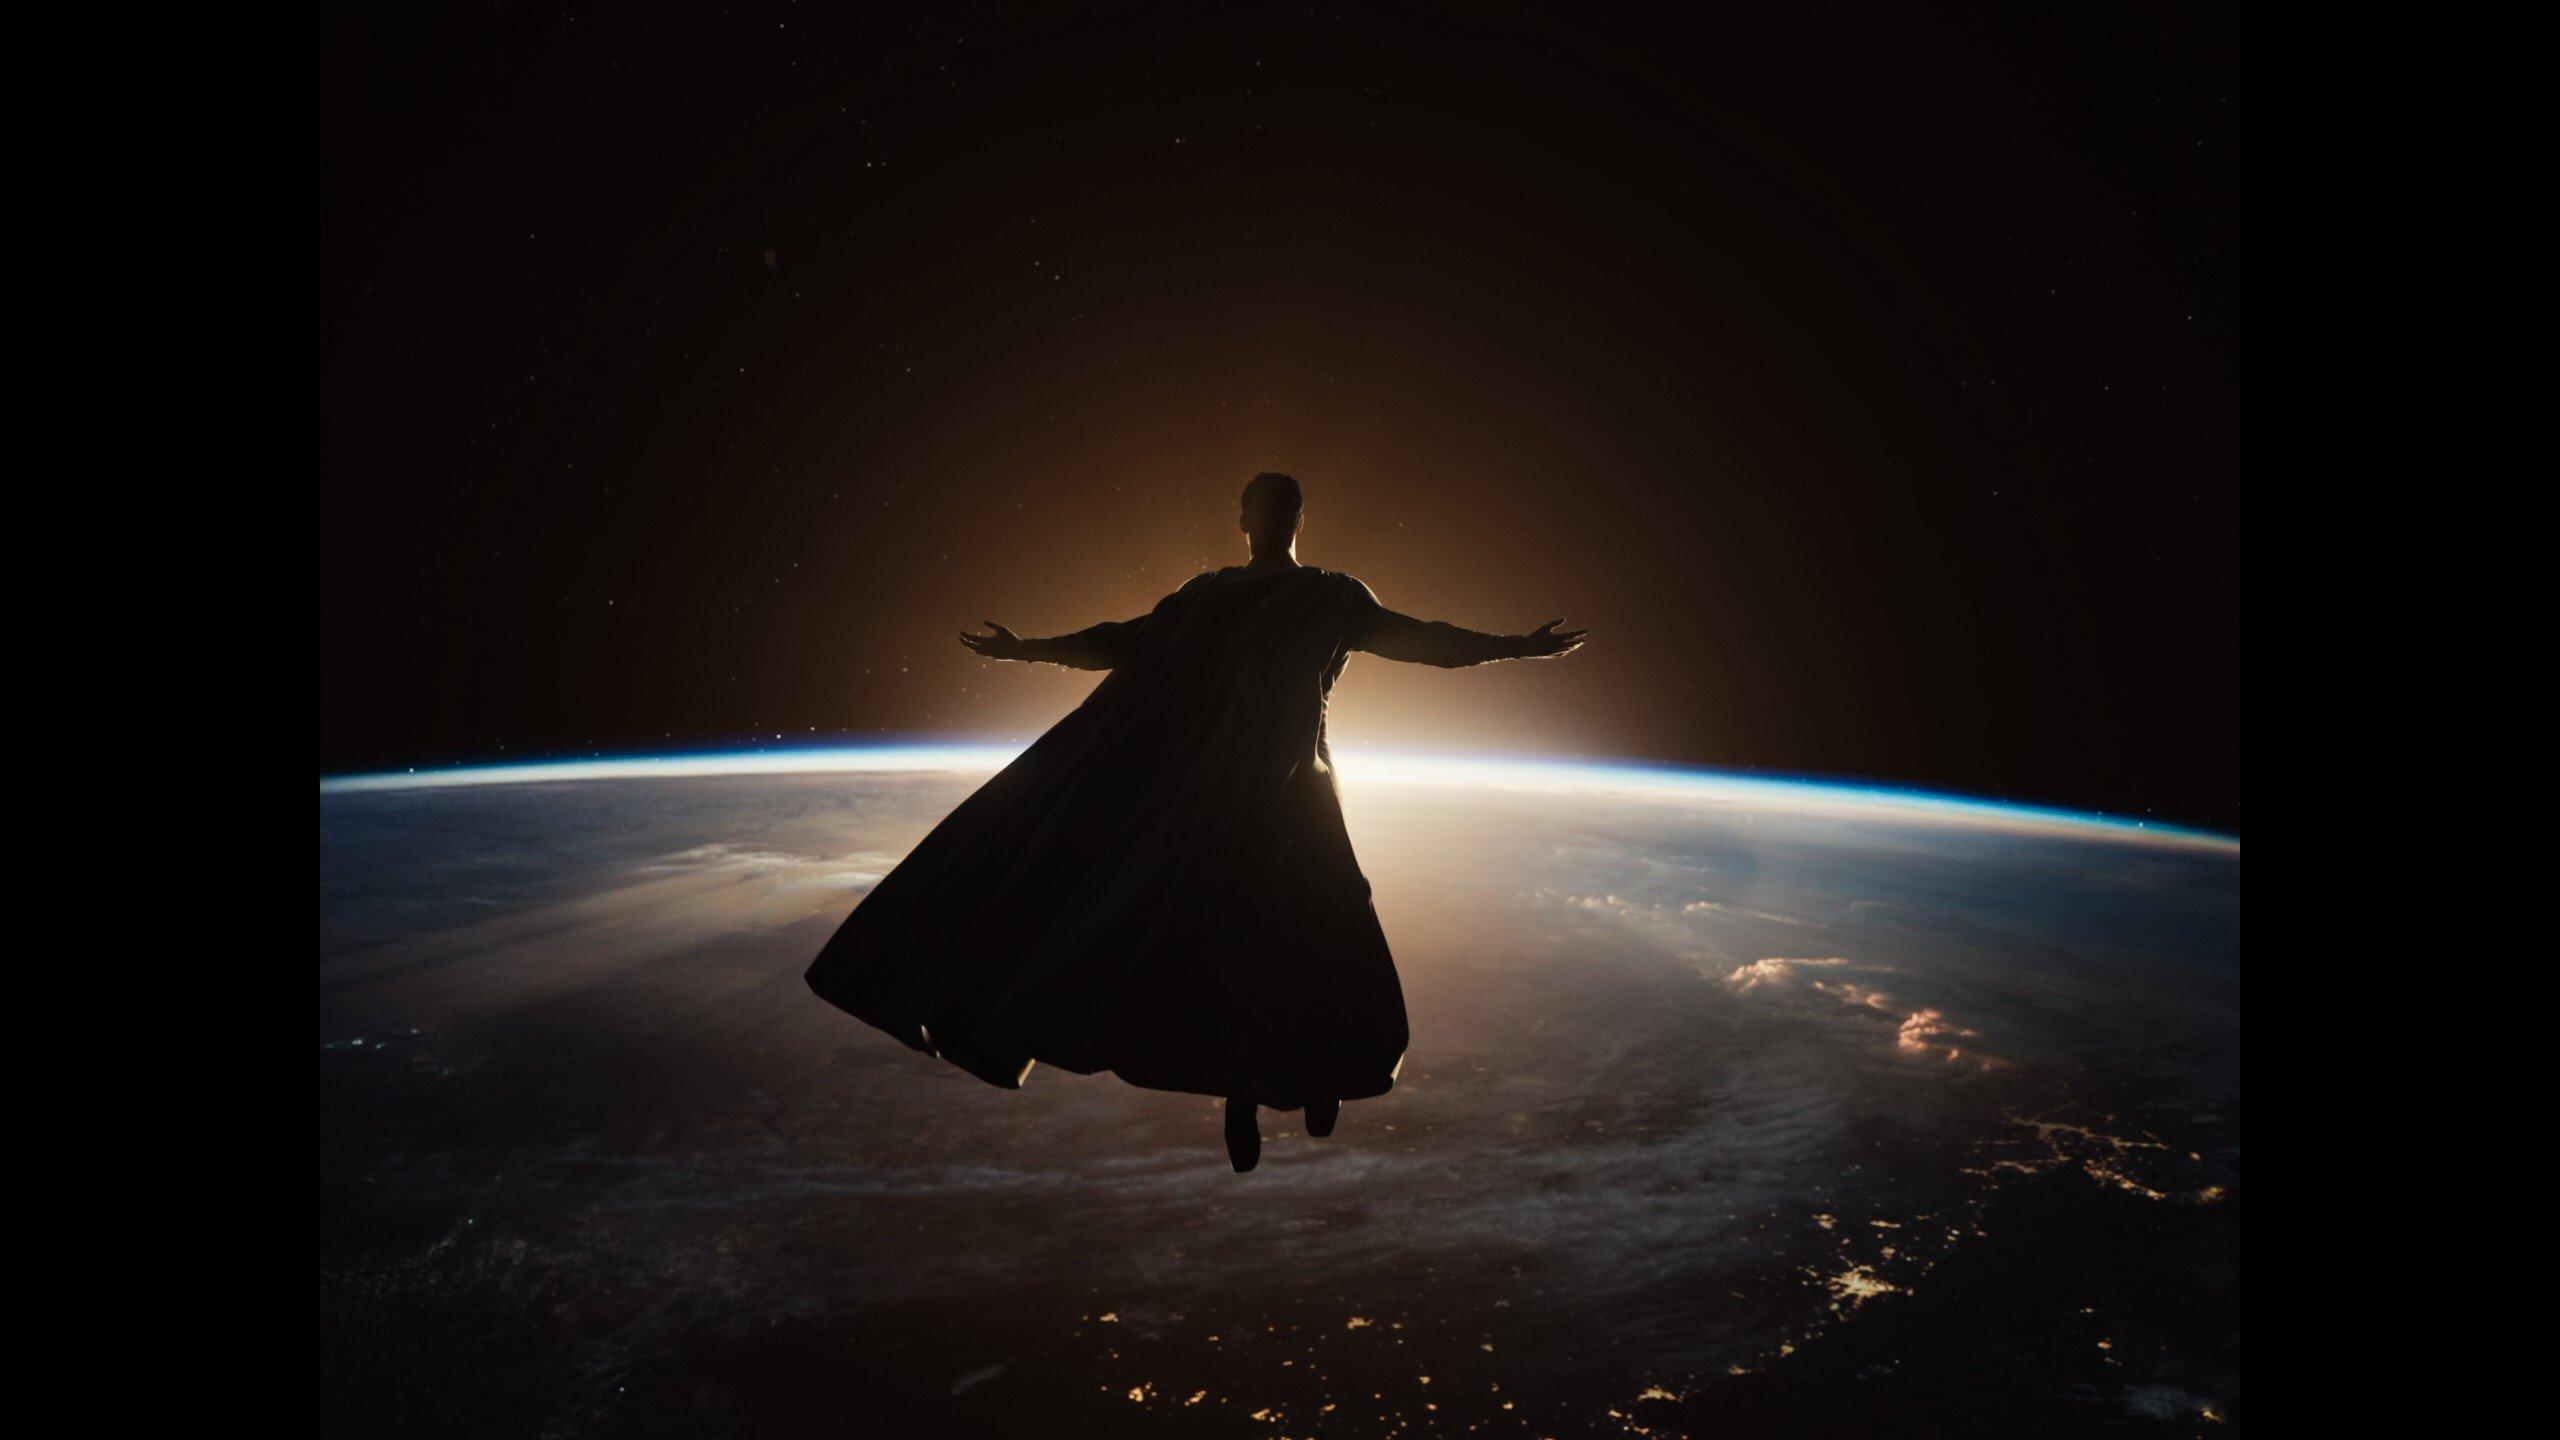 Justice.League.Snyders.Cut.2021.2160p.HMAX.WEB-DLx265.10bit.HDR.1.jpg